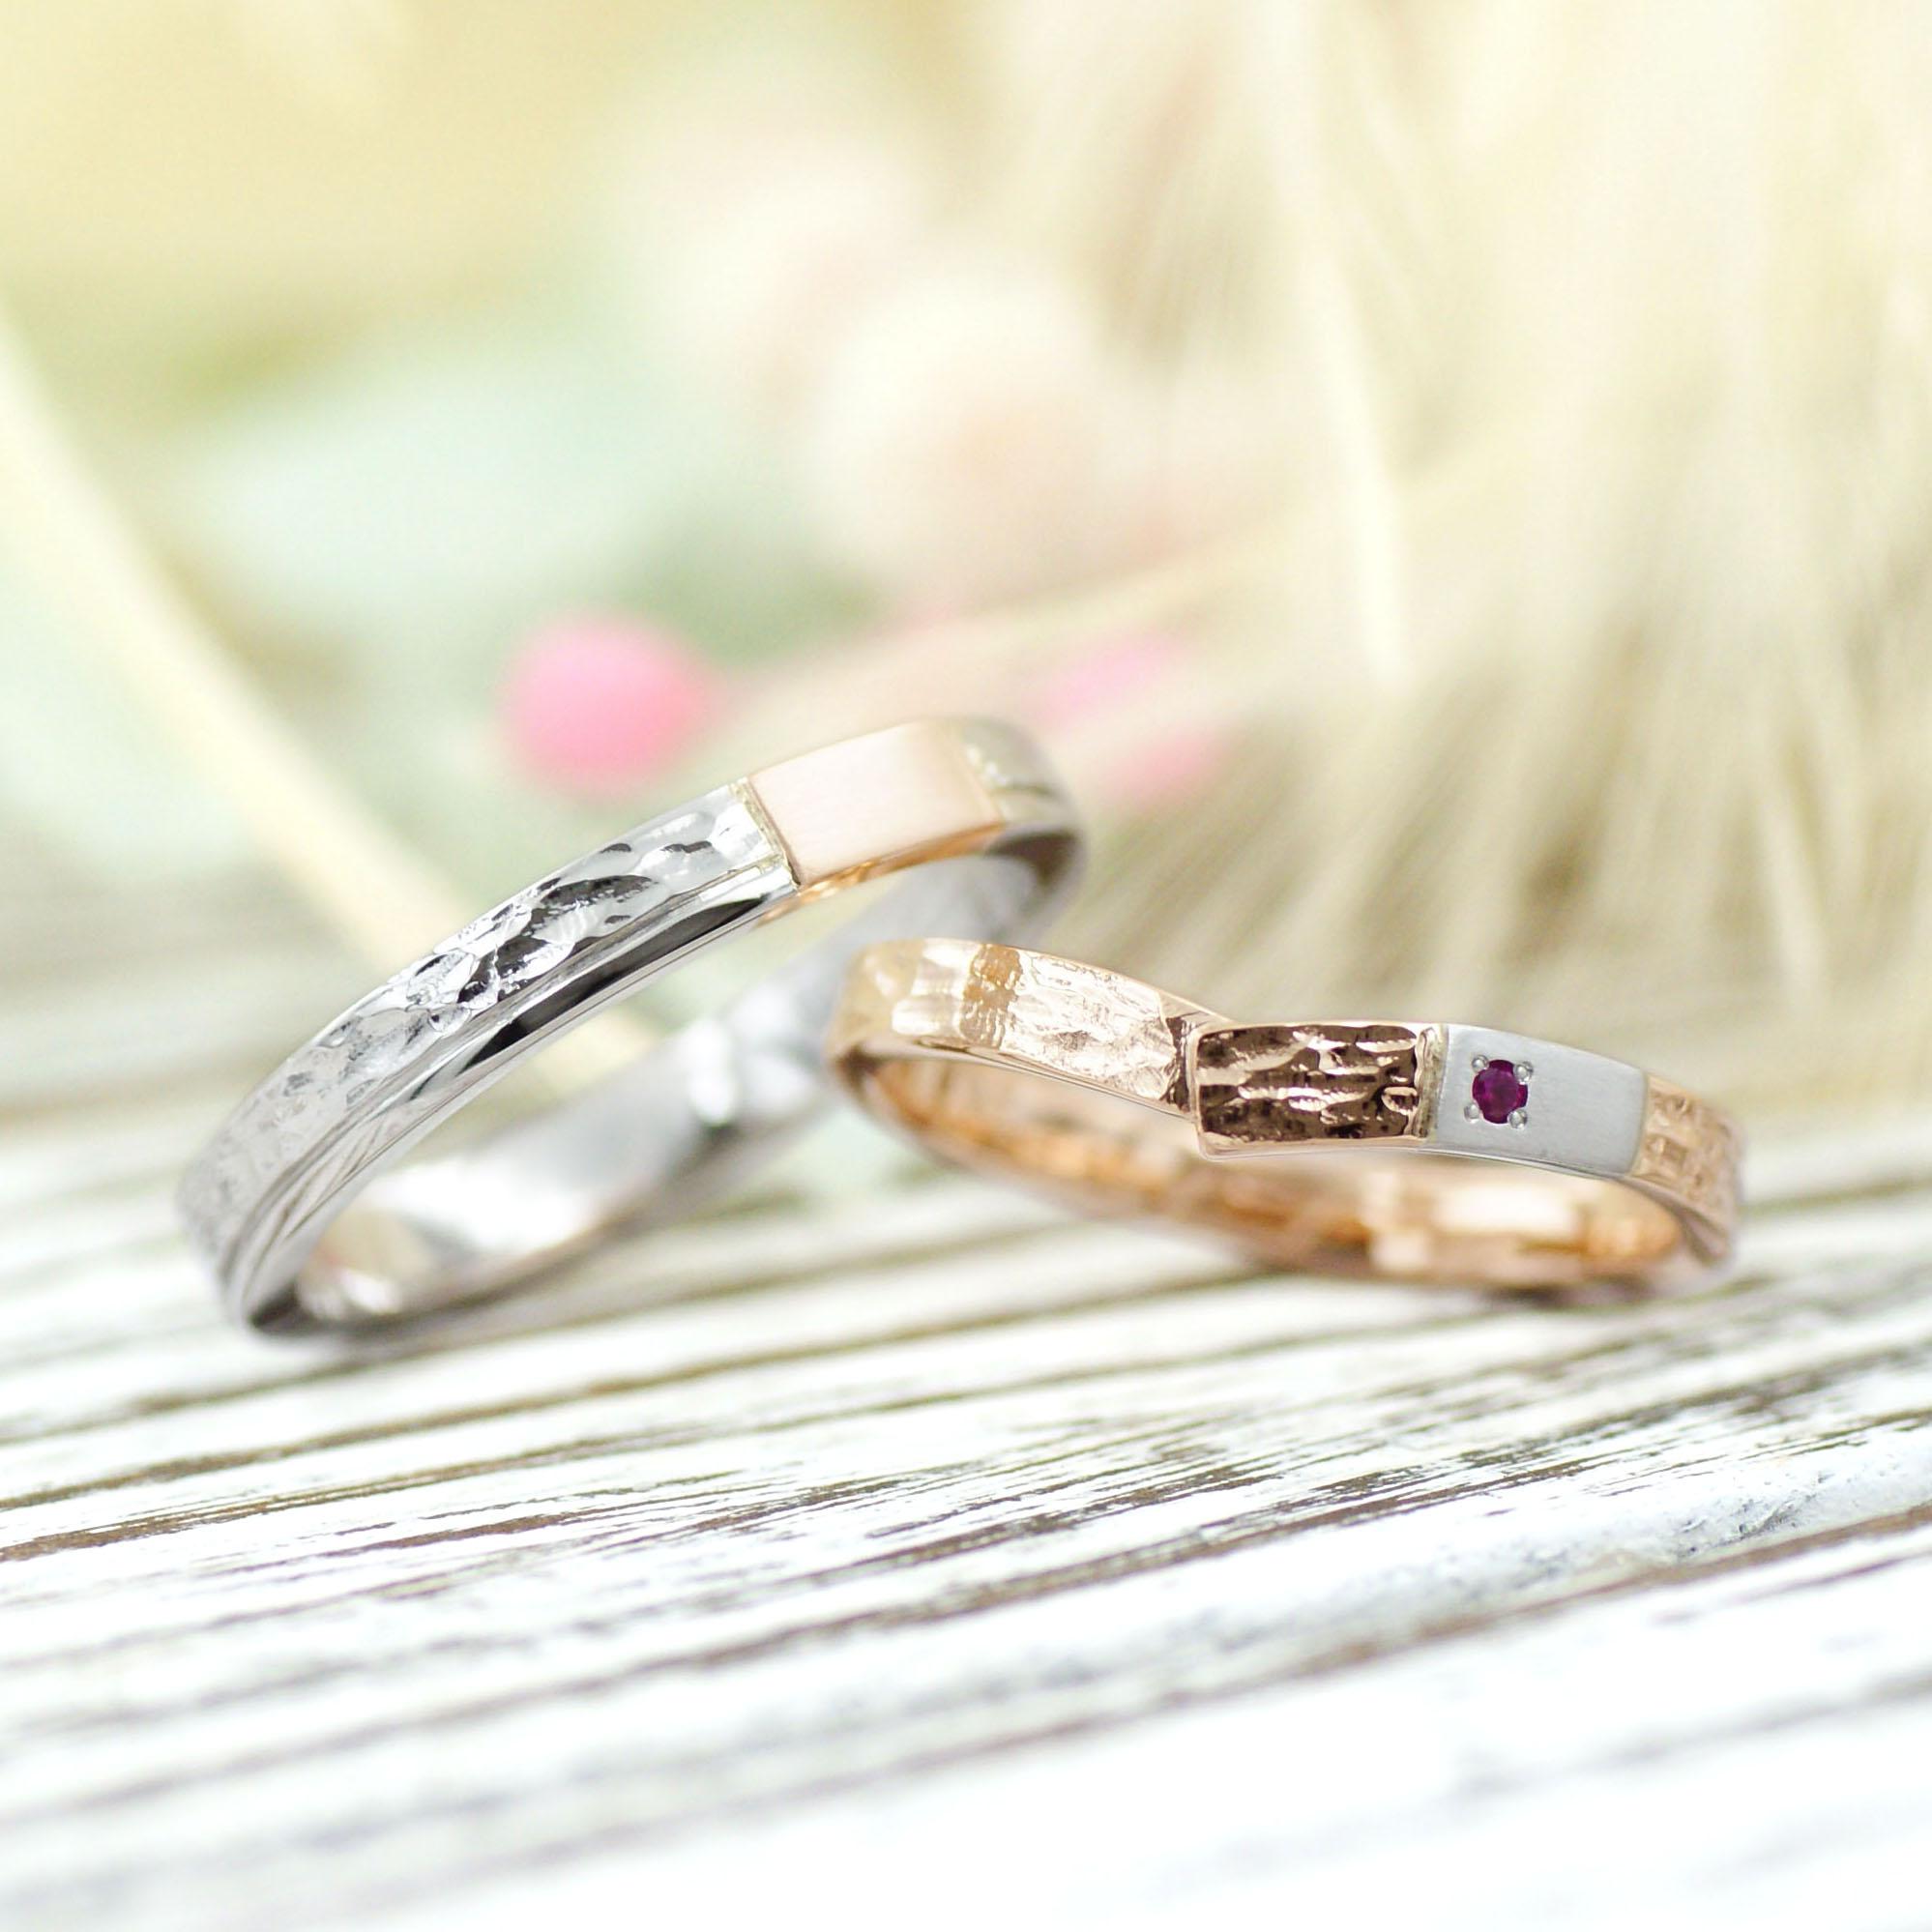 ふたりの素材を交換した槌目模様の結婚指輪/kazariyaYui福島県郡山市